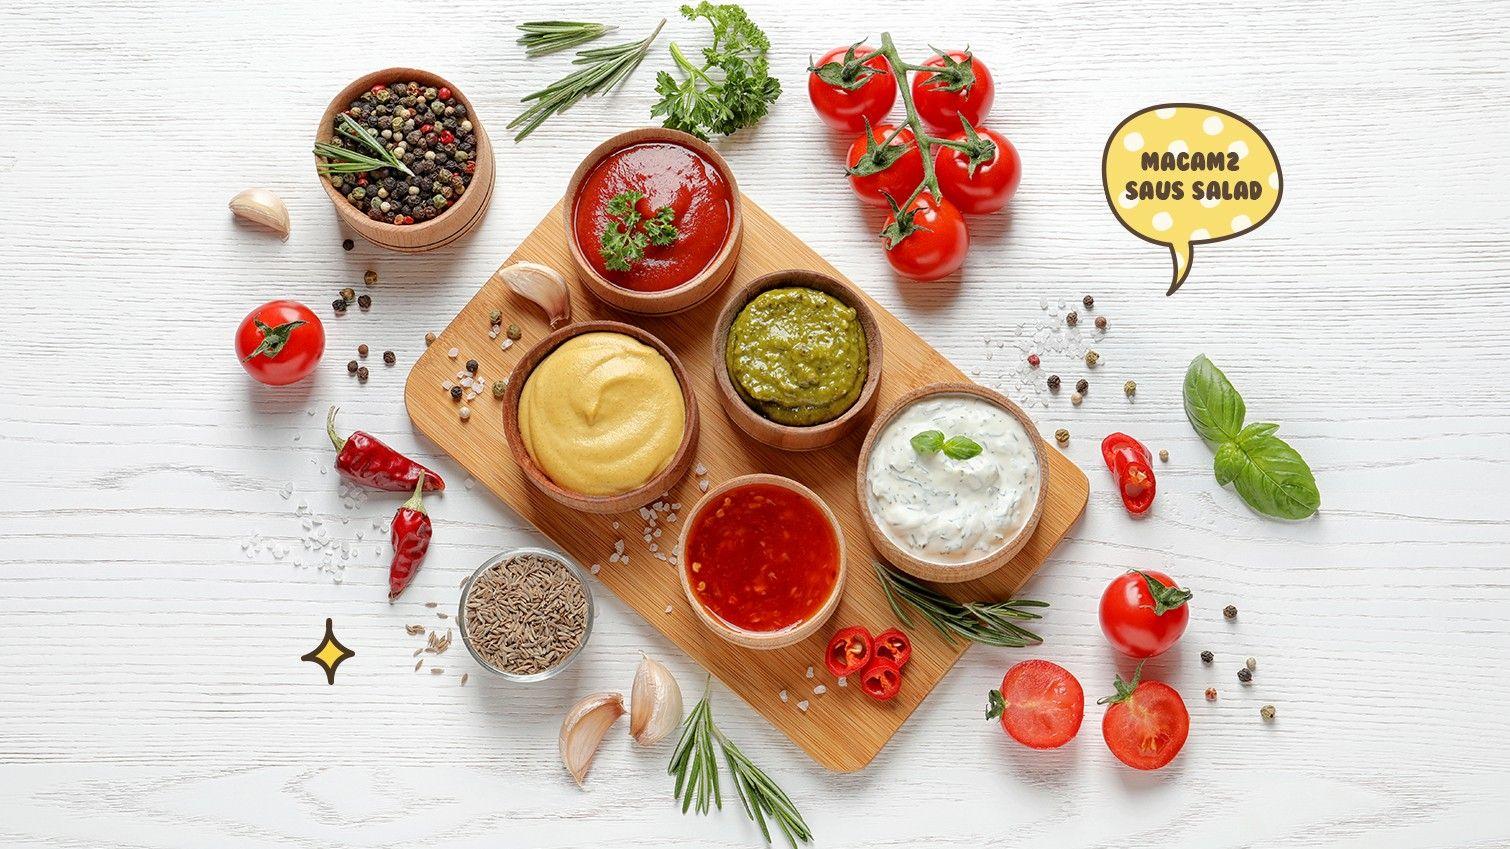 Placeholder Saus Salad Salad Bar Vinaigrette